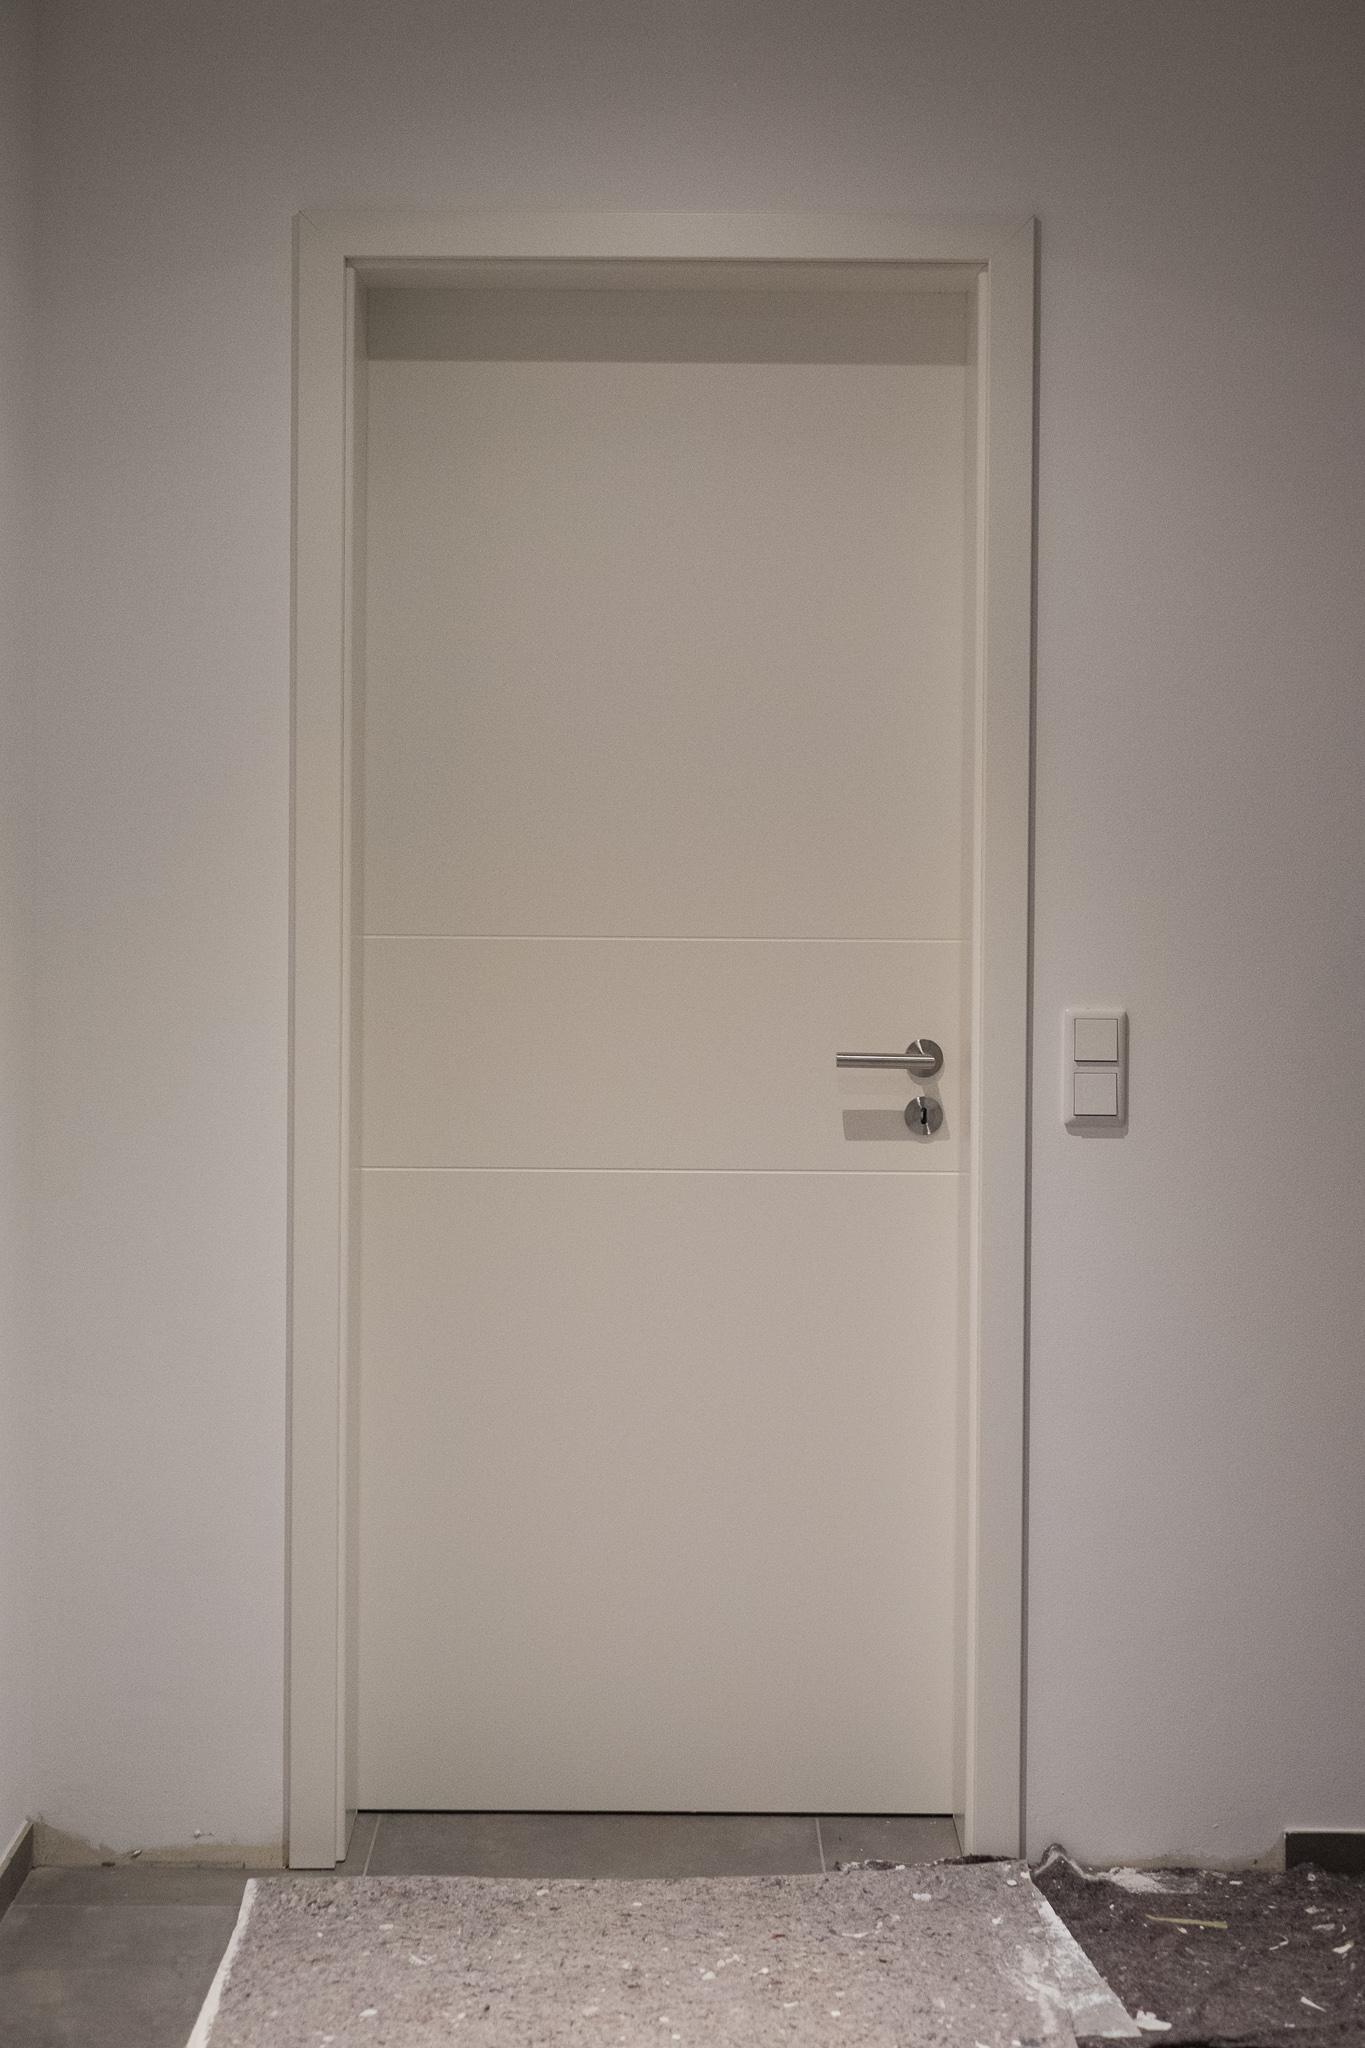 endspurt ein haus f r den zwerg. Black Bedroom Furniture Sets. Home Design Ideas